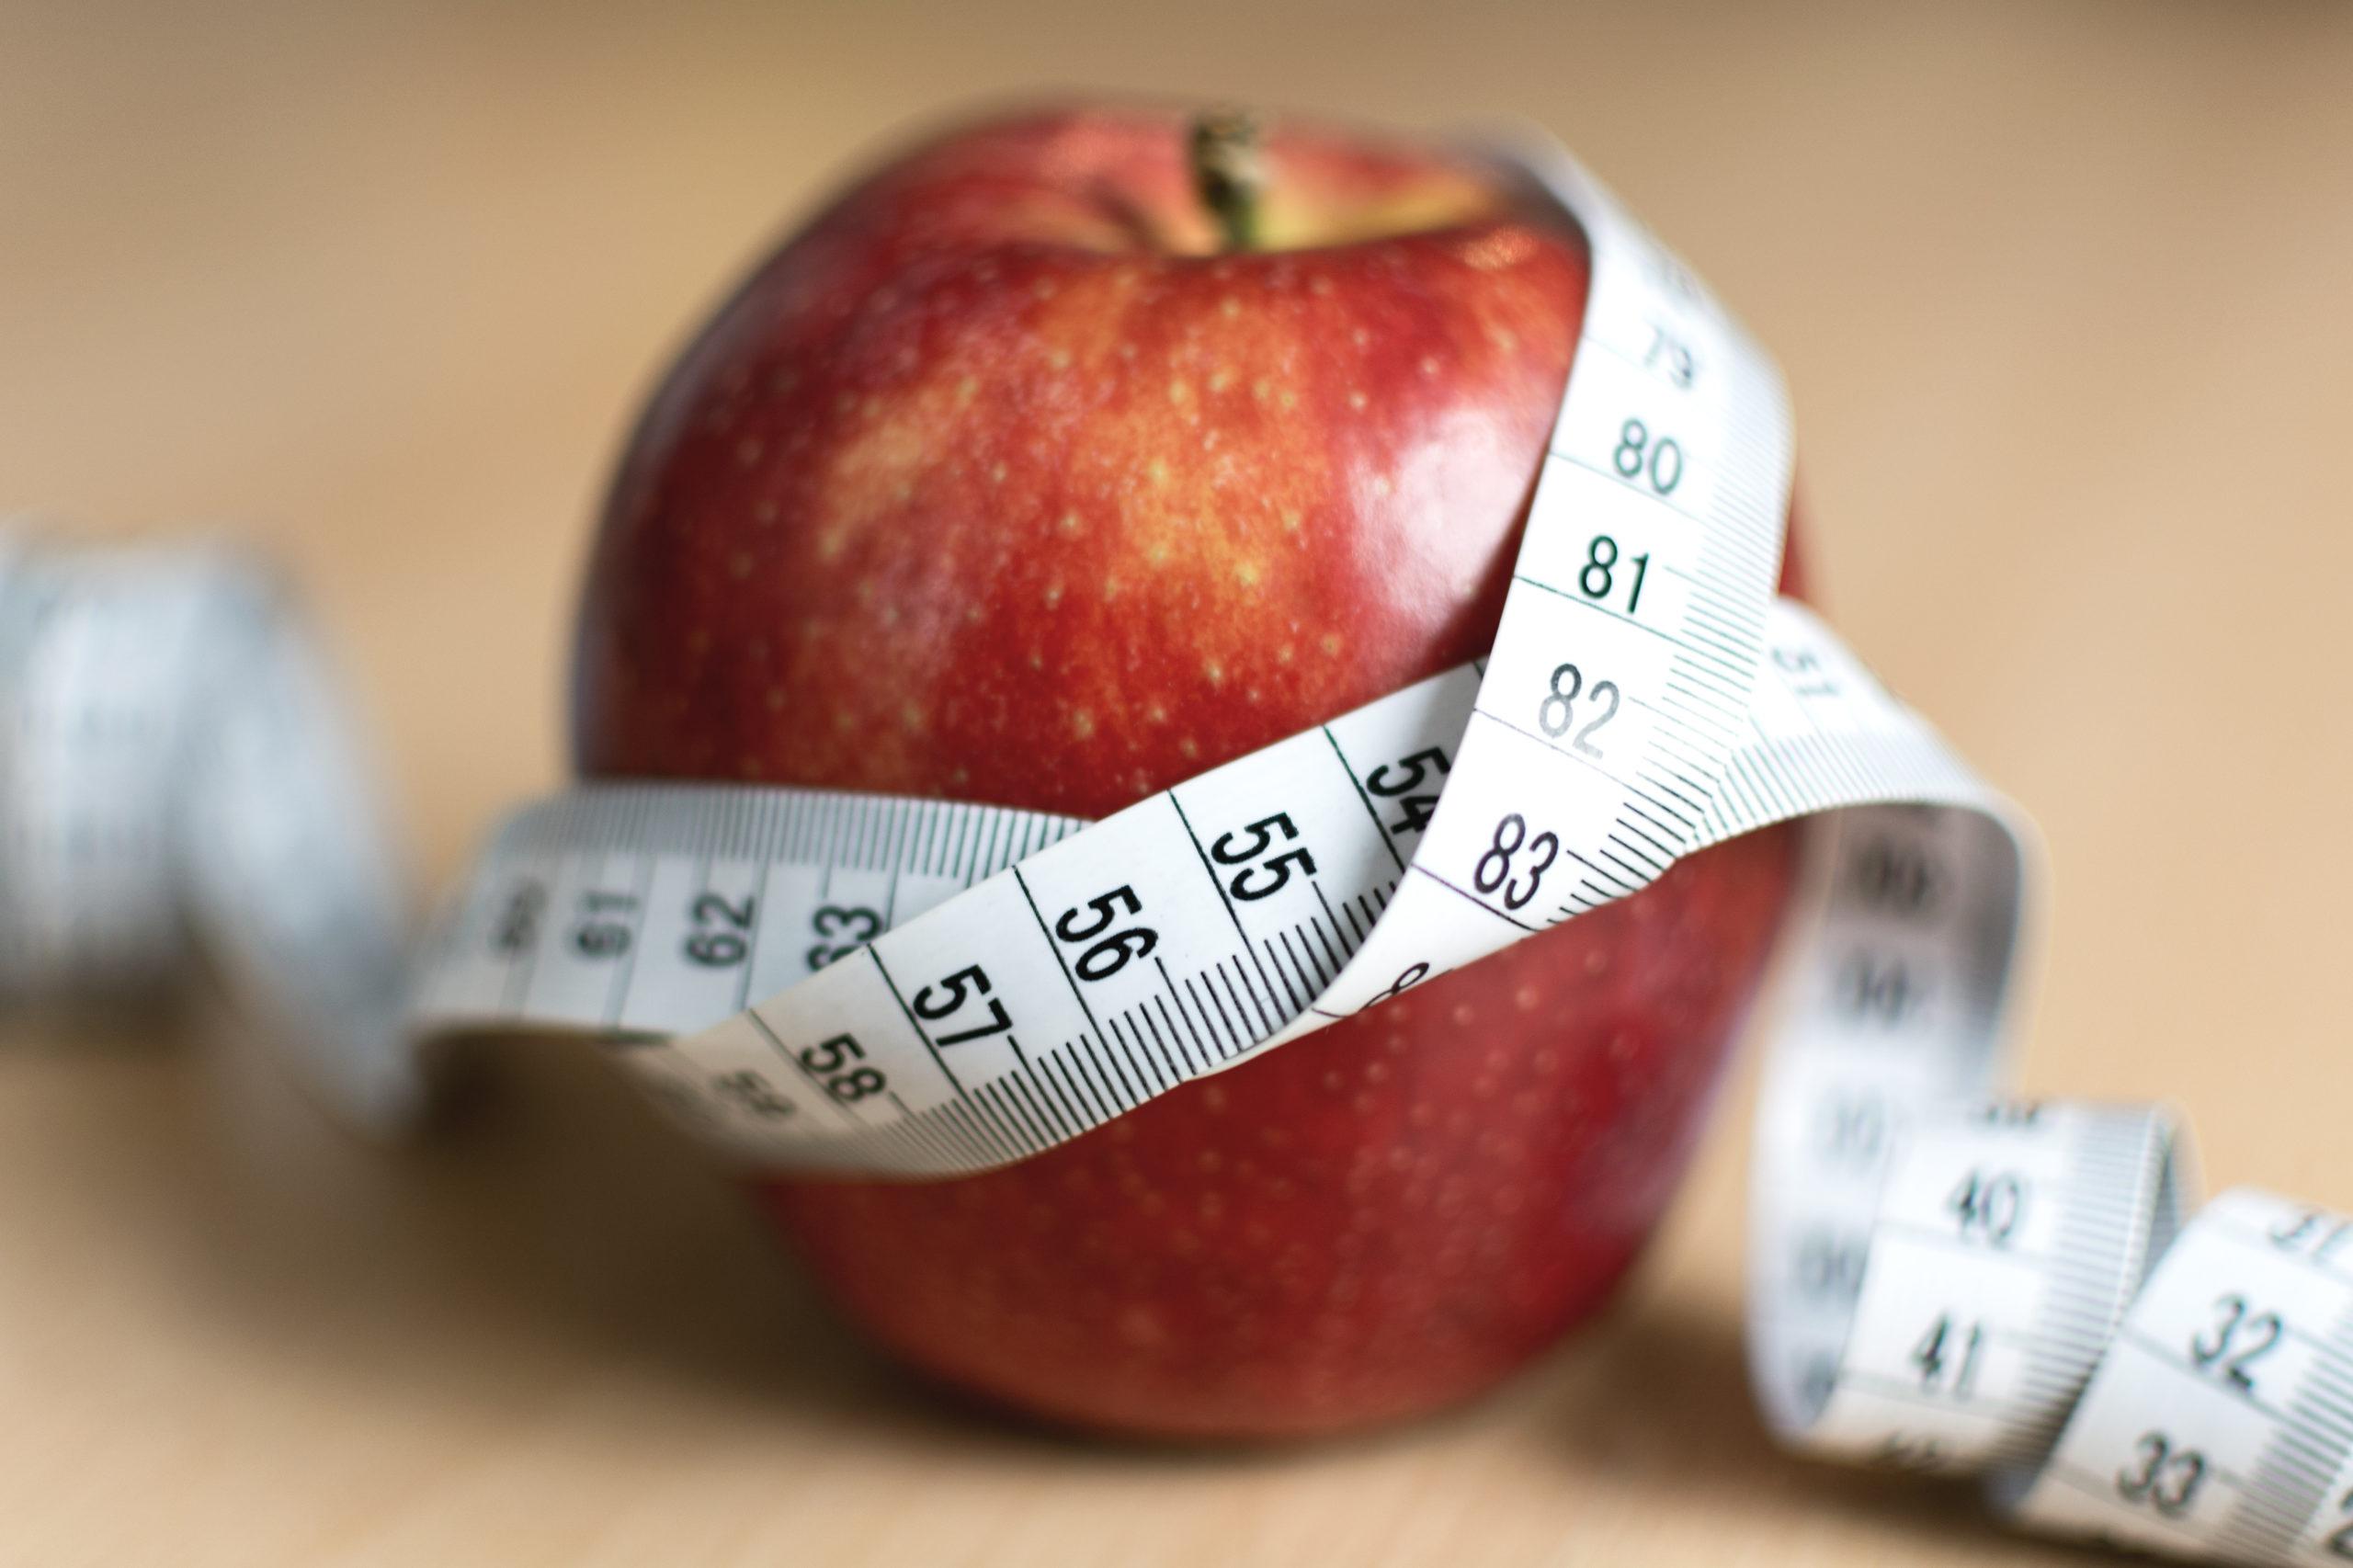 Menjalani Hidup yang Lebih Baik dengan Tips Diet yang Sehat